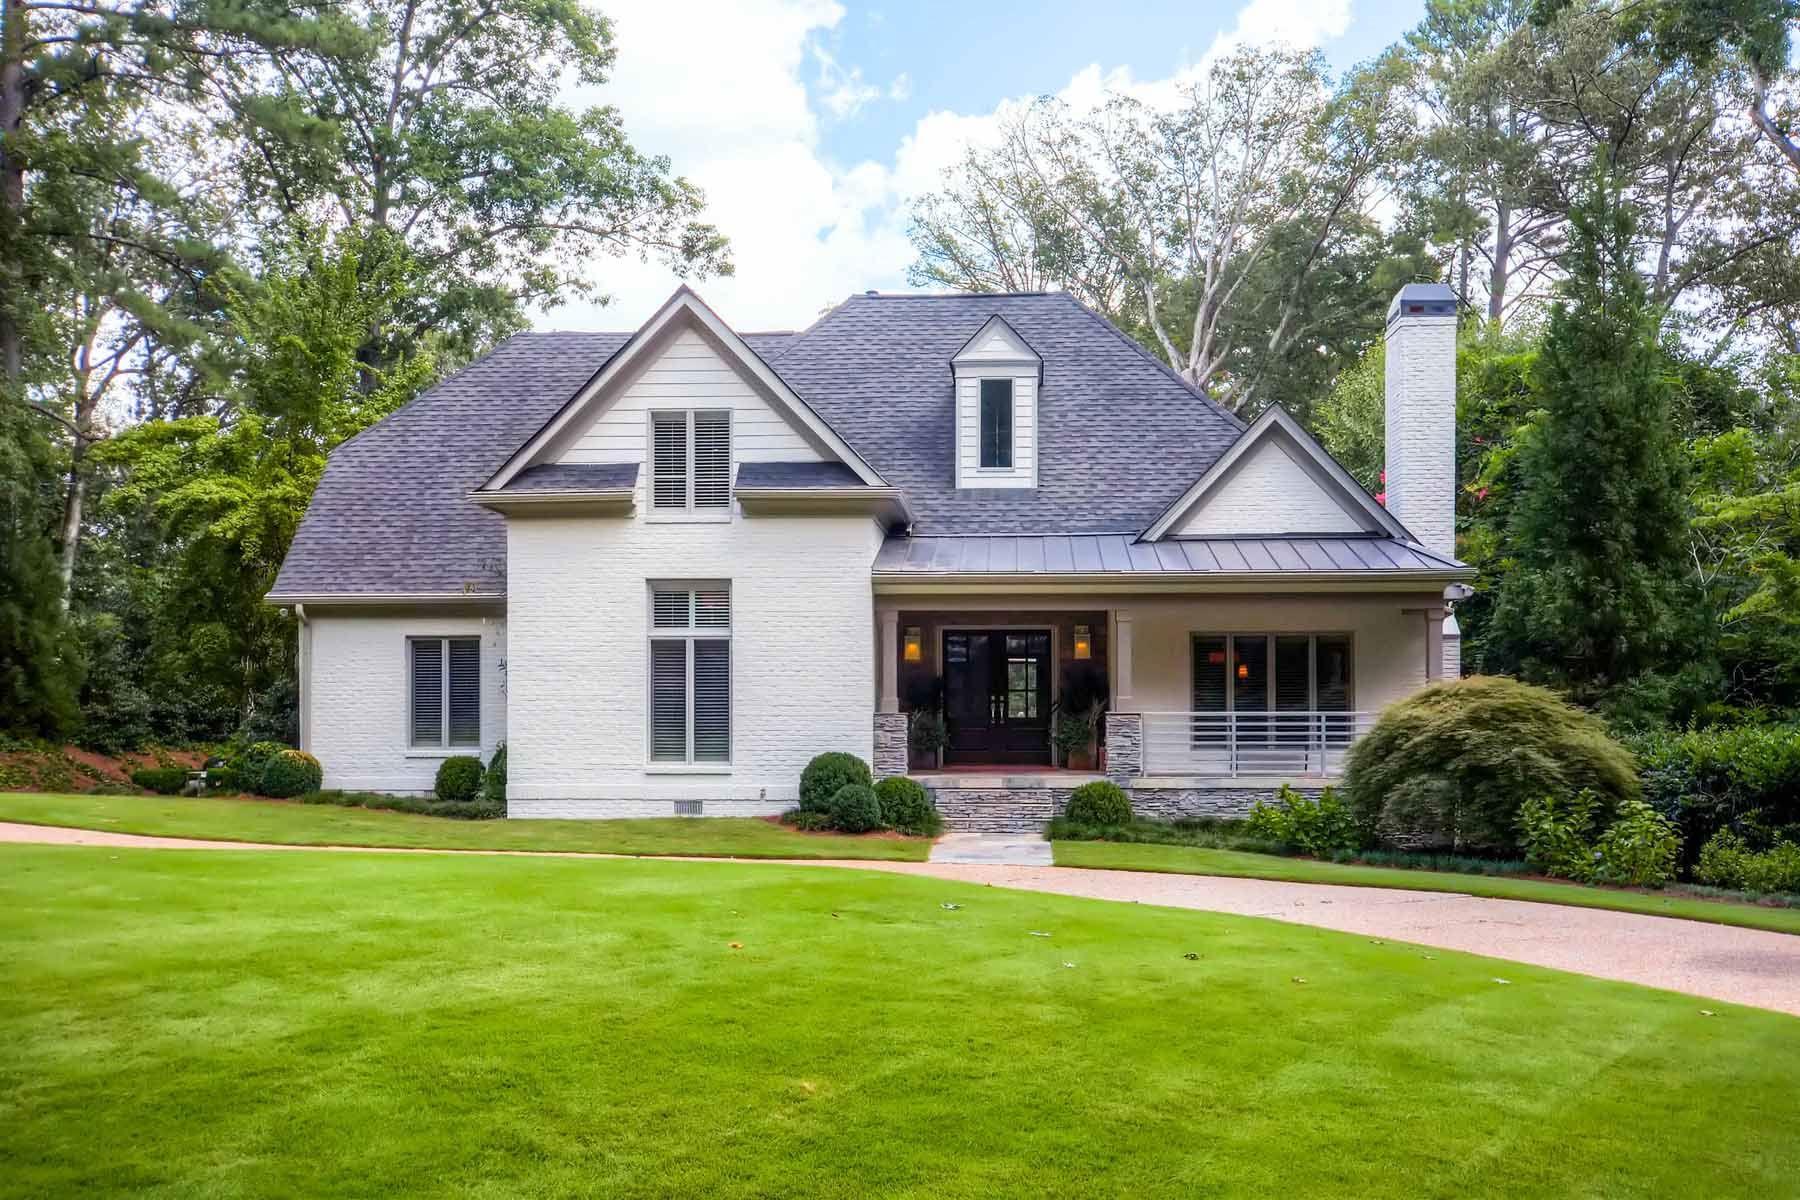 獨棟家庭住宅 為 出售 在 Beautifully Renovated and Painted 4 Sides Brick Home 4243 Lakehaven Drive NE Brookhaven, Atlanta, 喬治亞州, 30319 美國